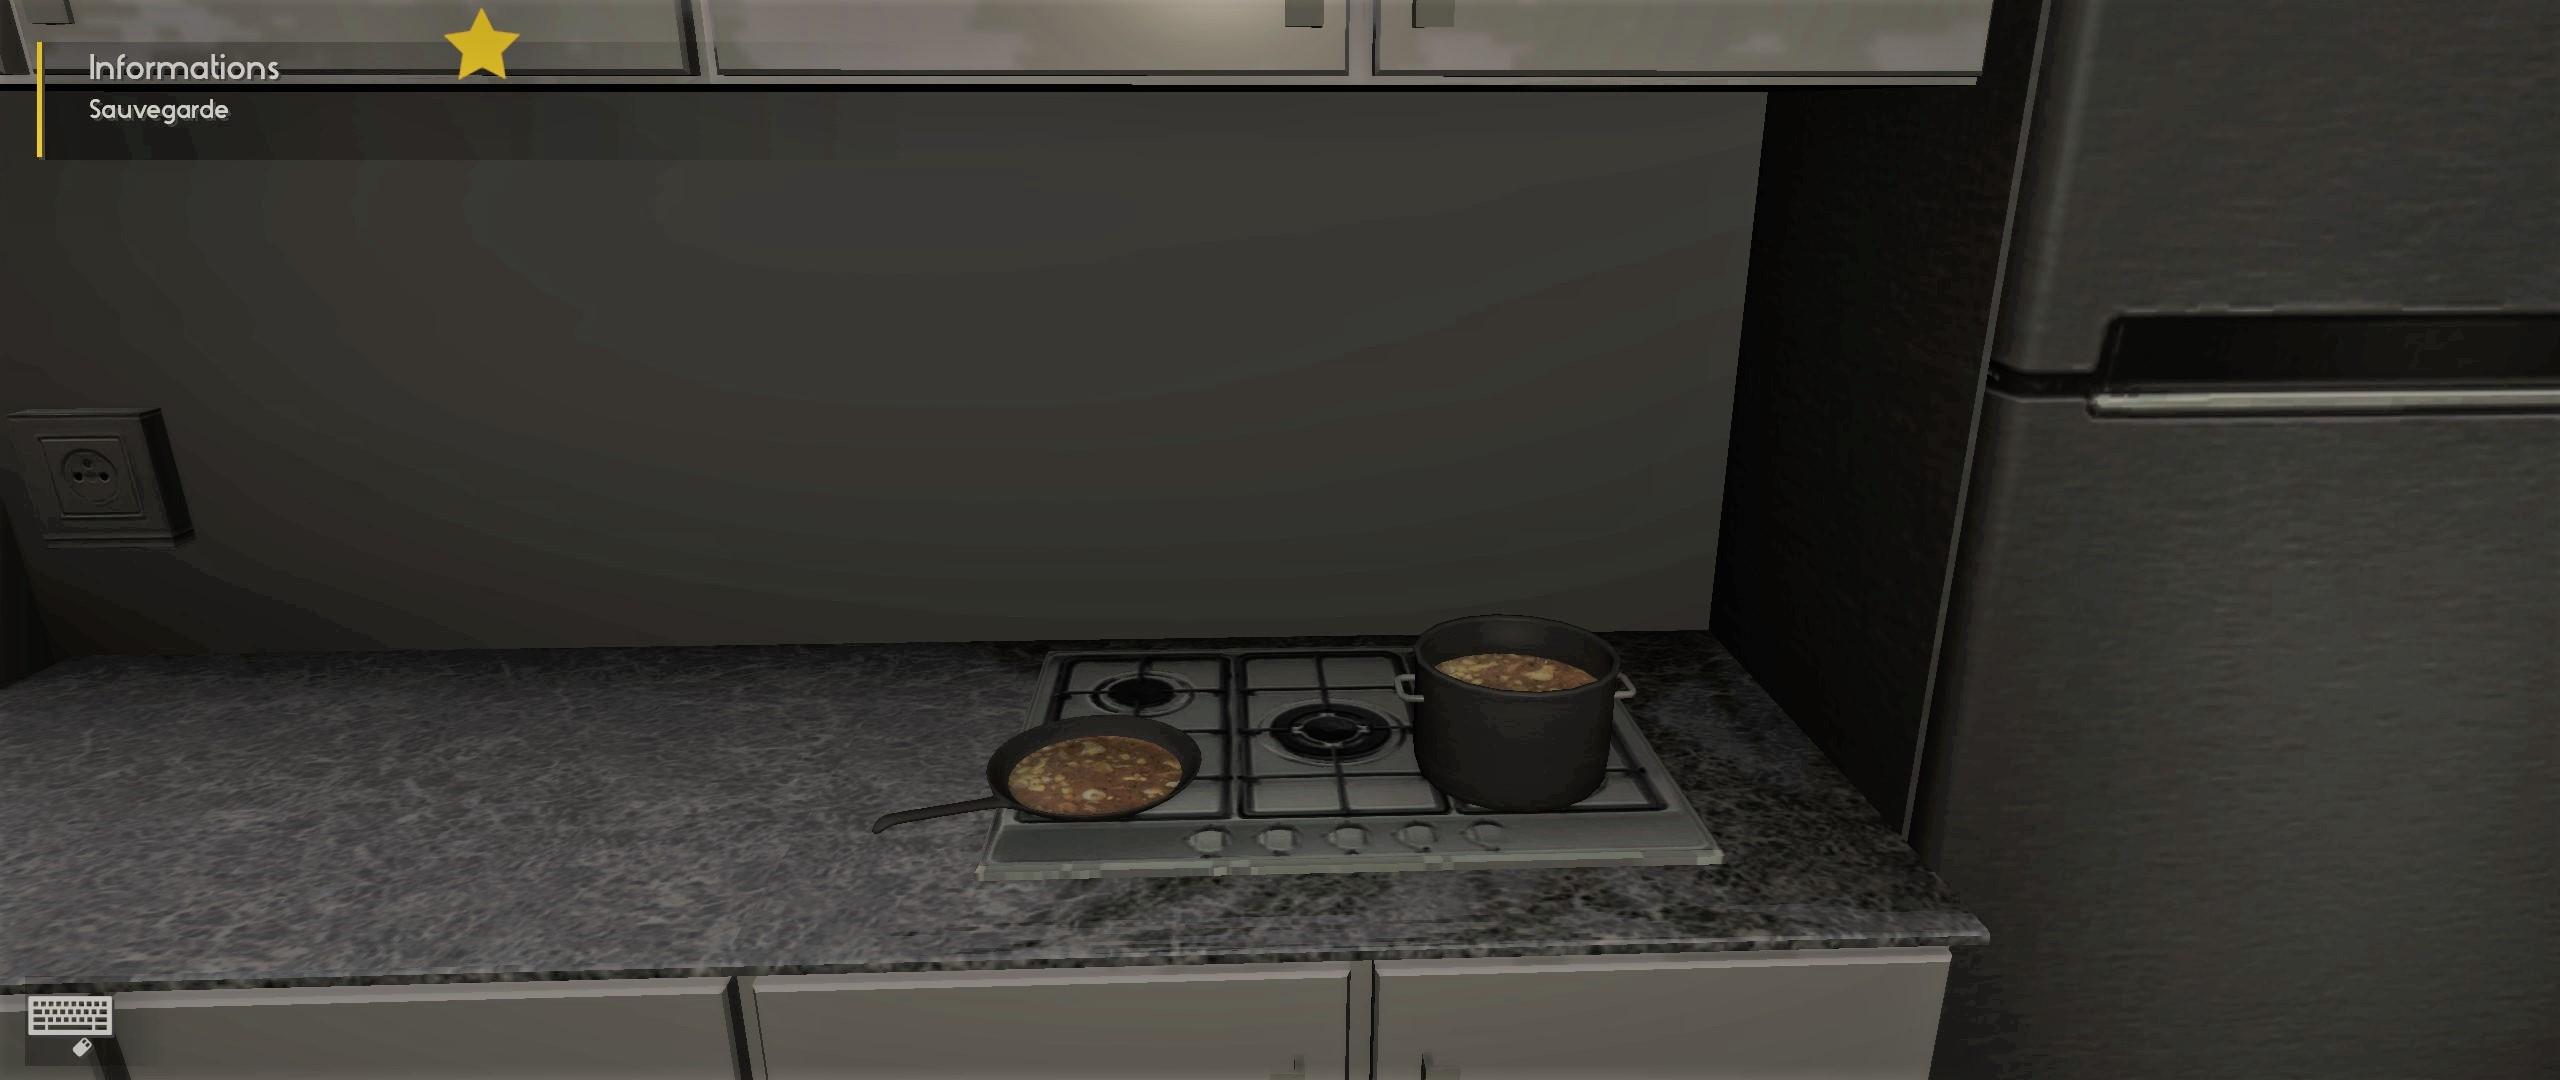 steam community guide fr truc et astuce. Black Bedroom Furniture Sets. Home Design Ideas